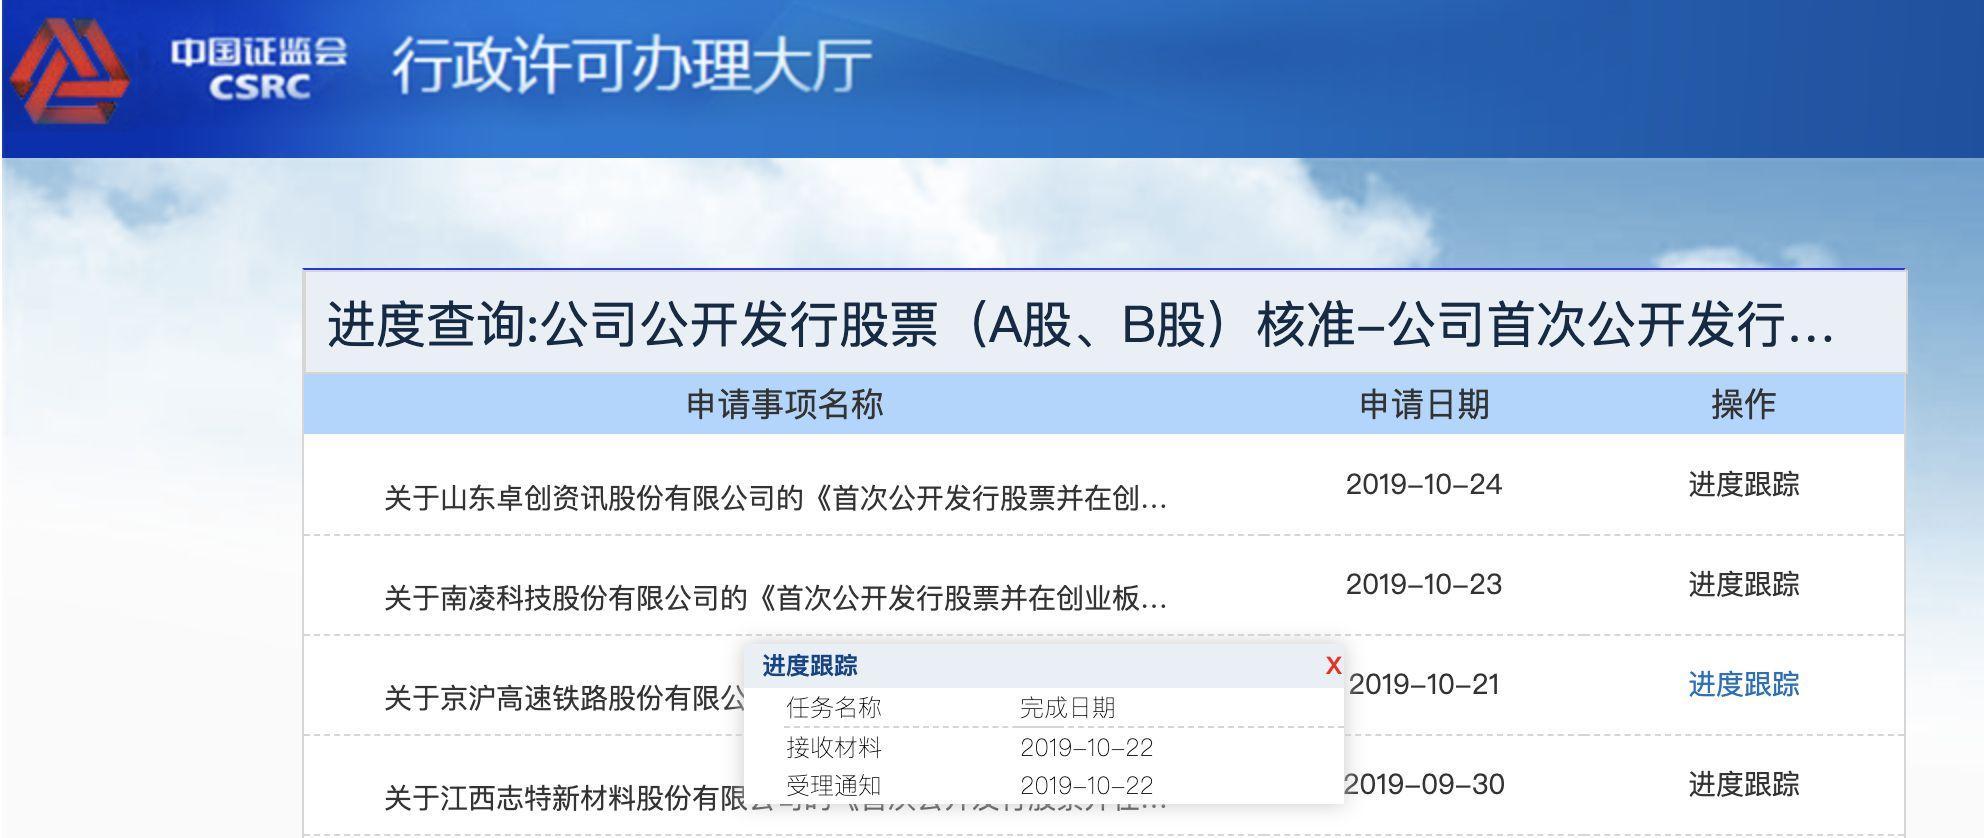 京沪高铁筹备上市:隶属于国铁集团,曾年赚百亿